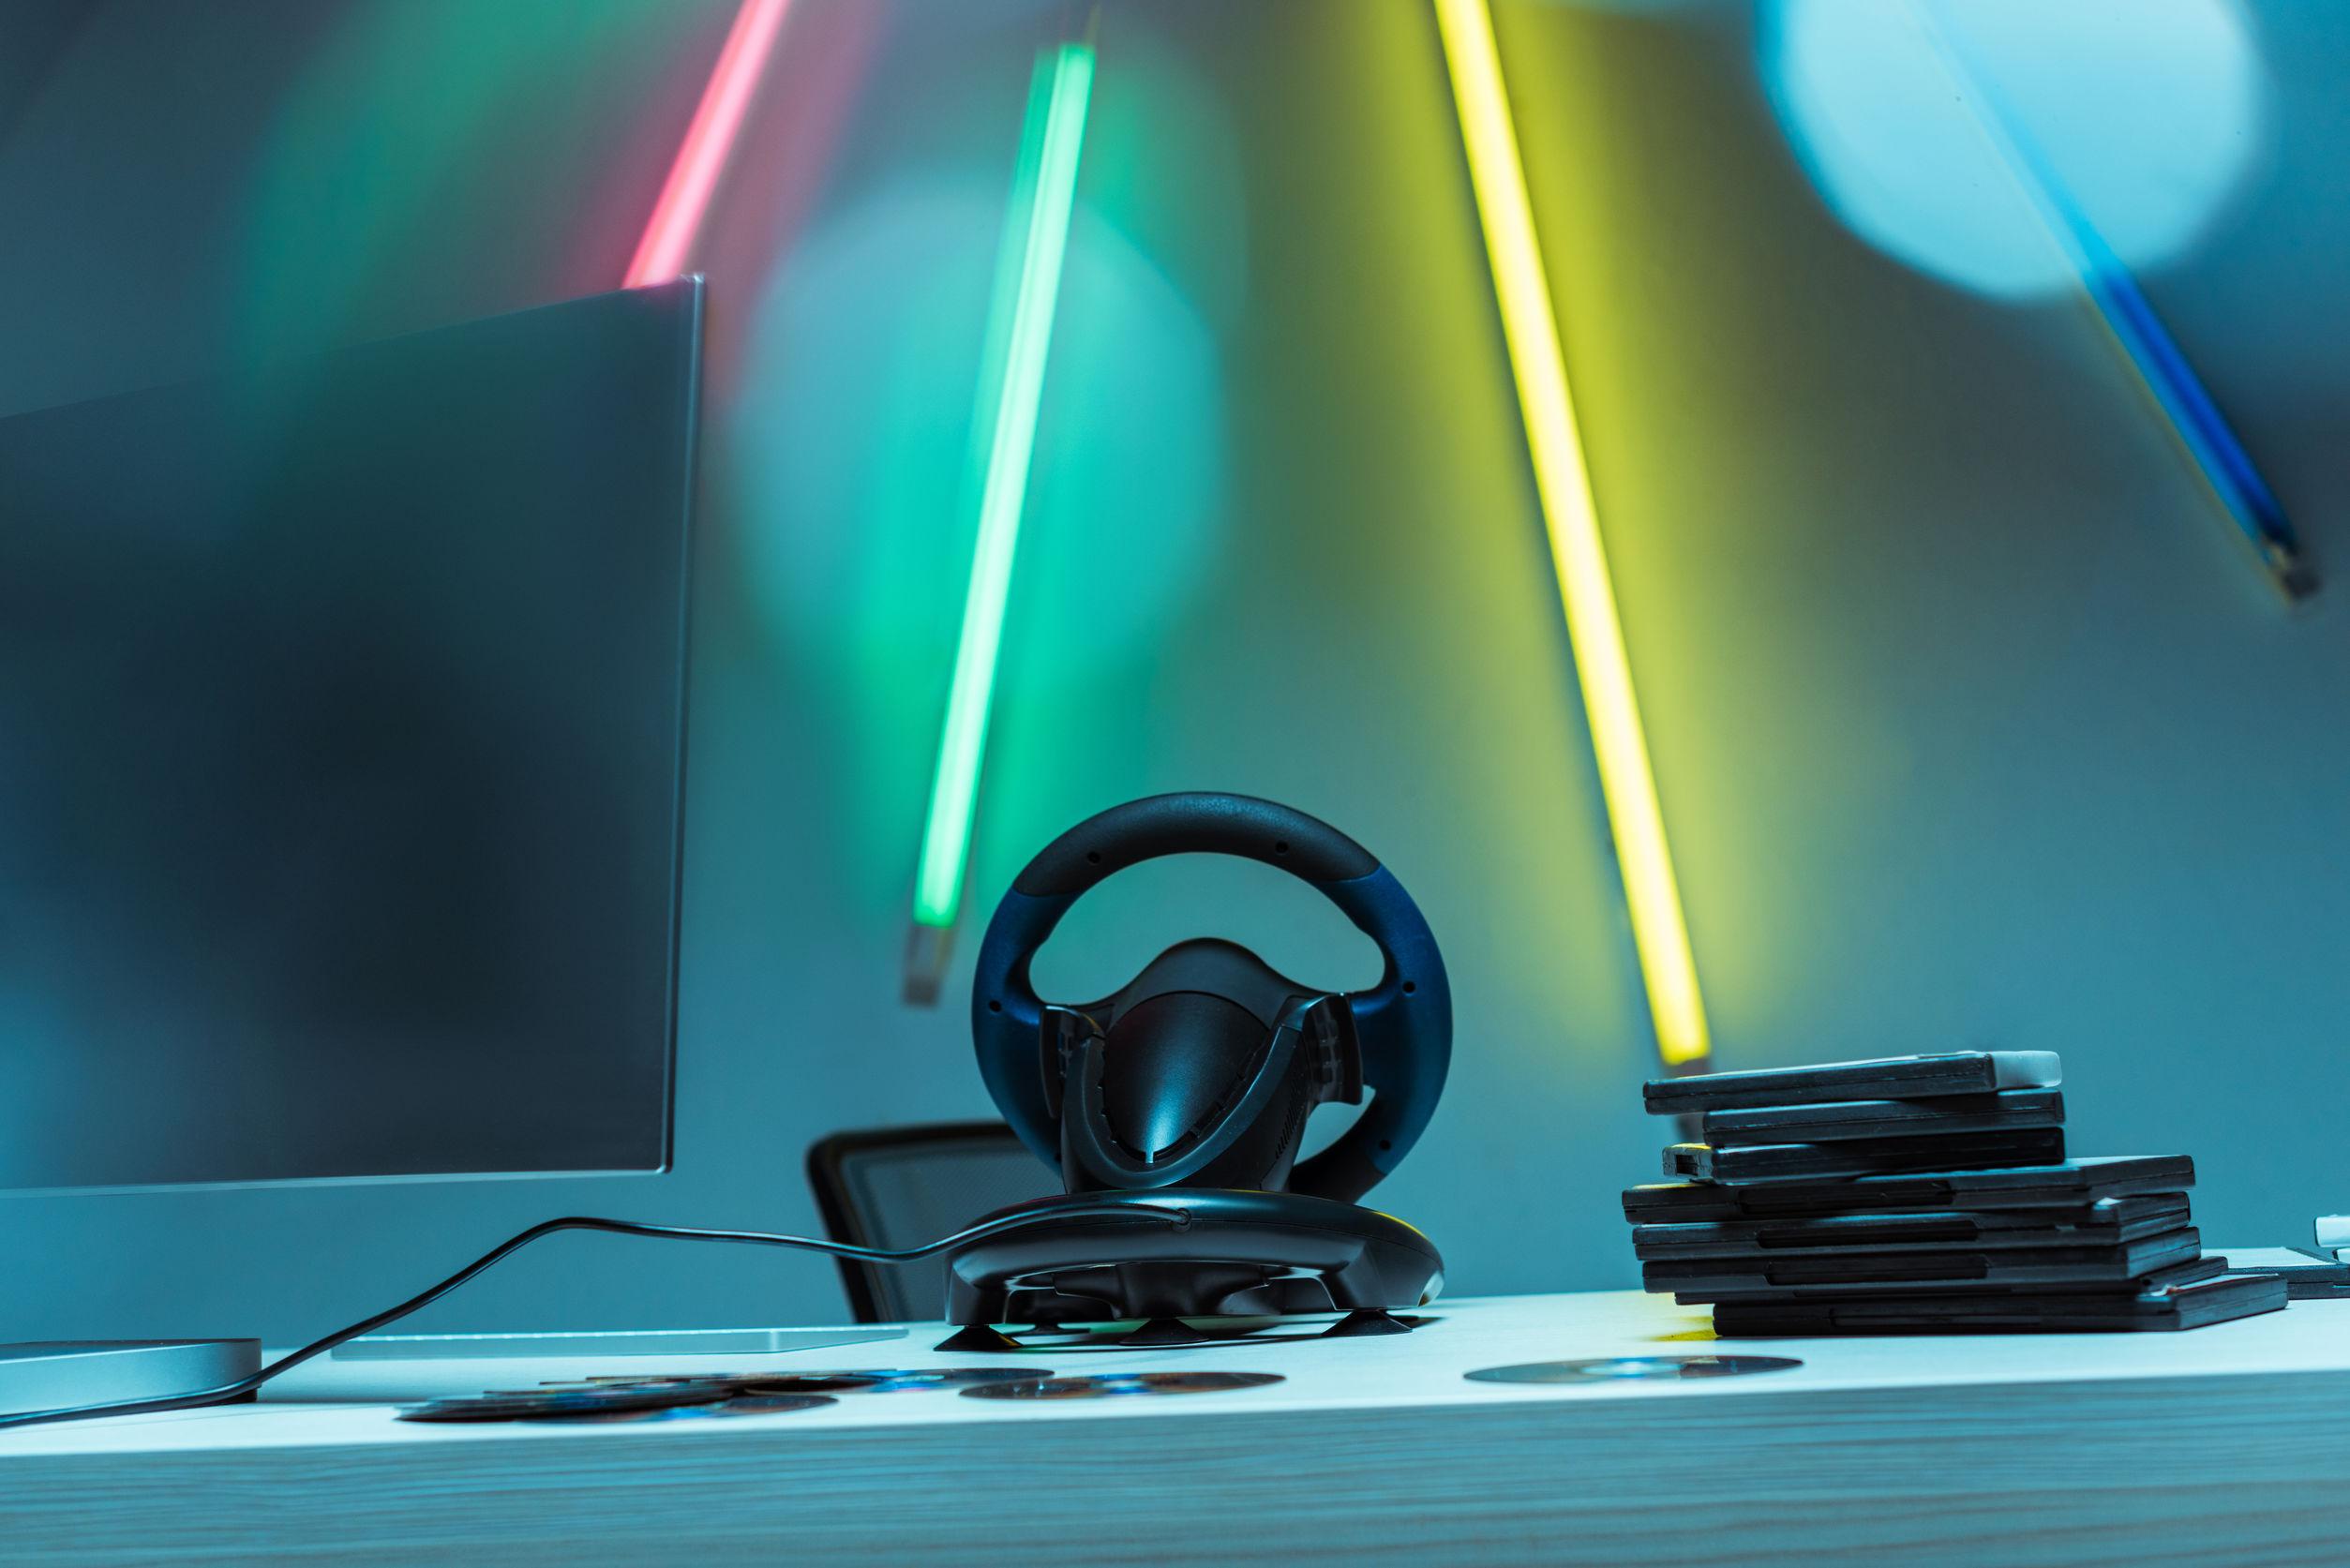 Miglior volante PC 2020: Guida all'acquisto